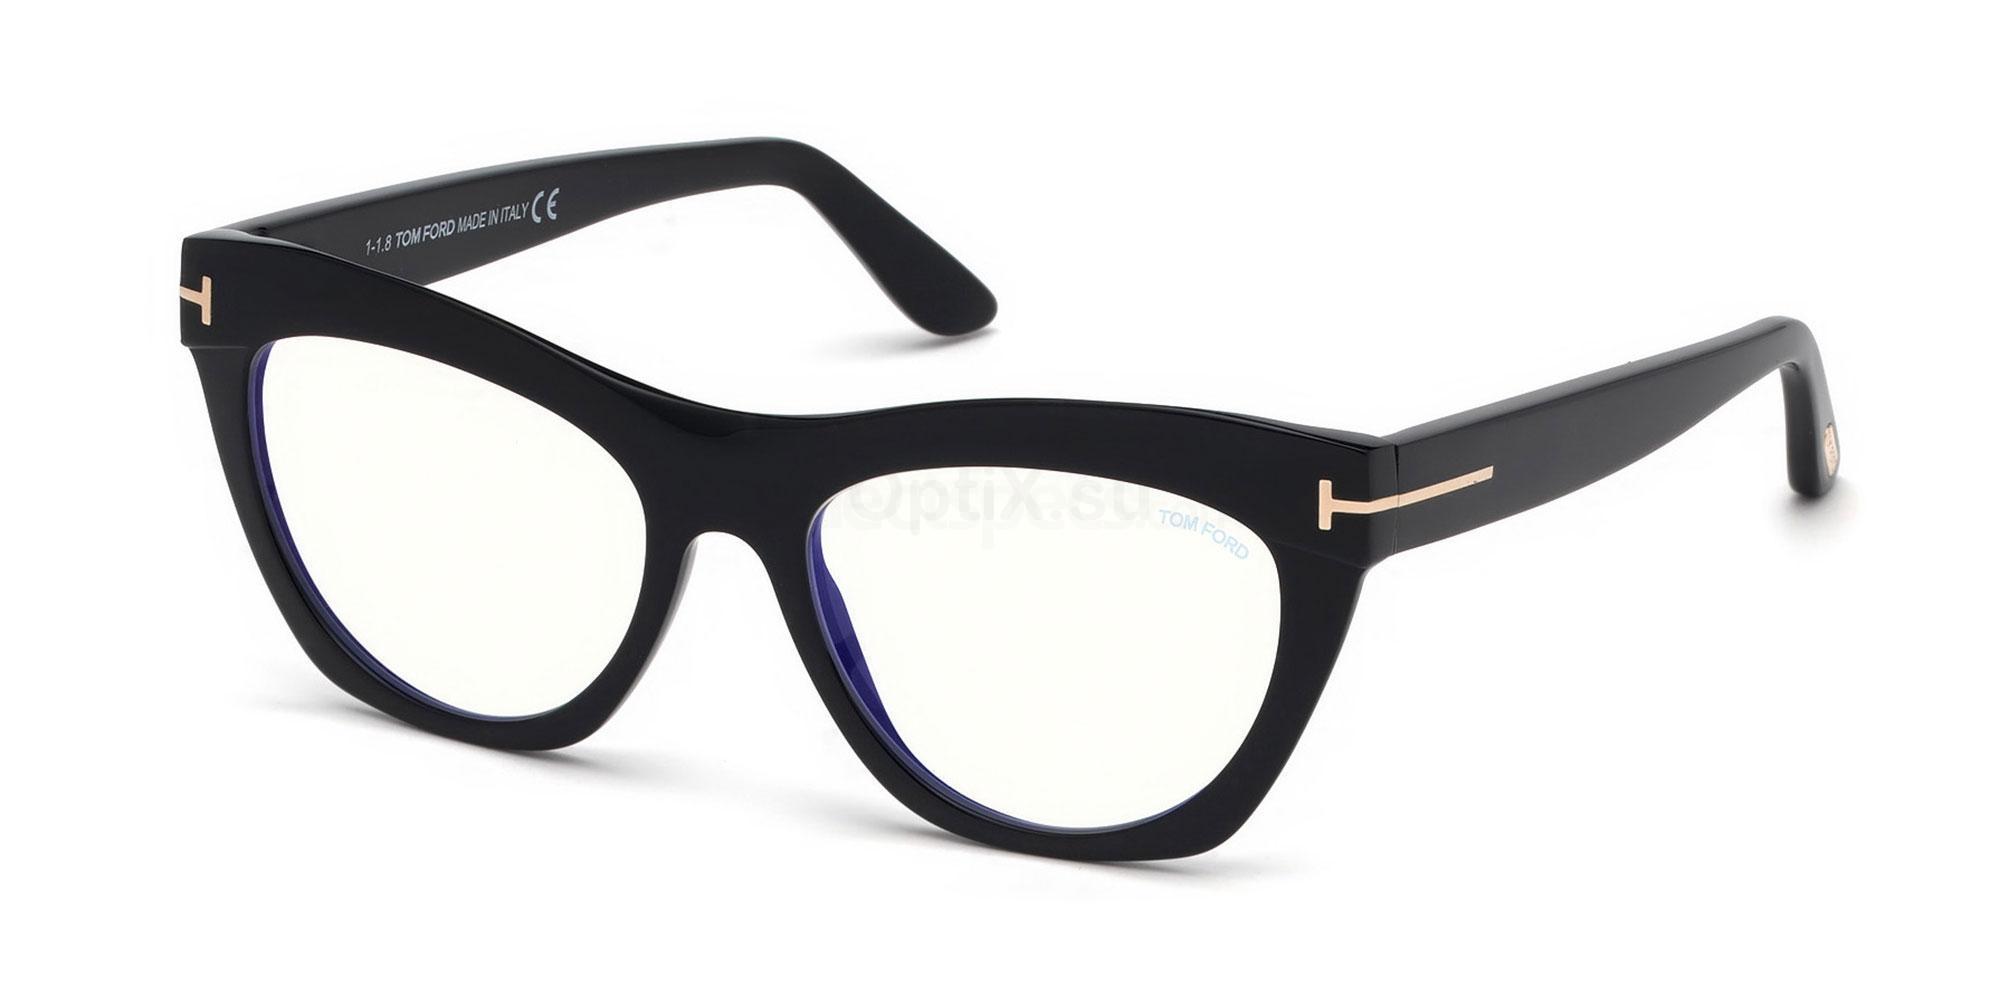 001 FT5559-B Glasses, Tom Ford